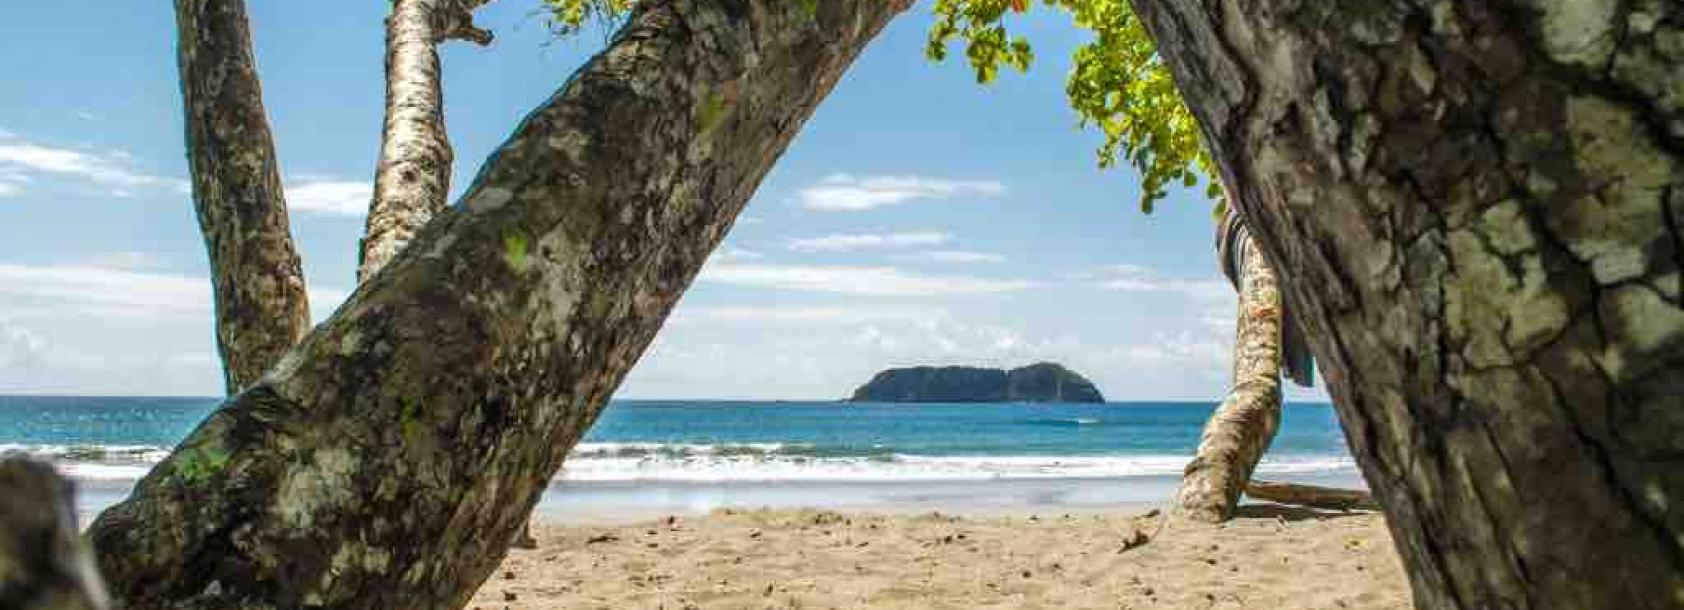 17 | Playa Manuel Antonio, Costa Rica